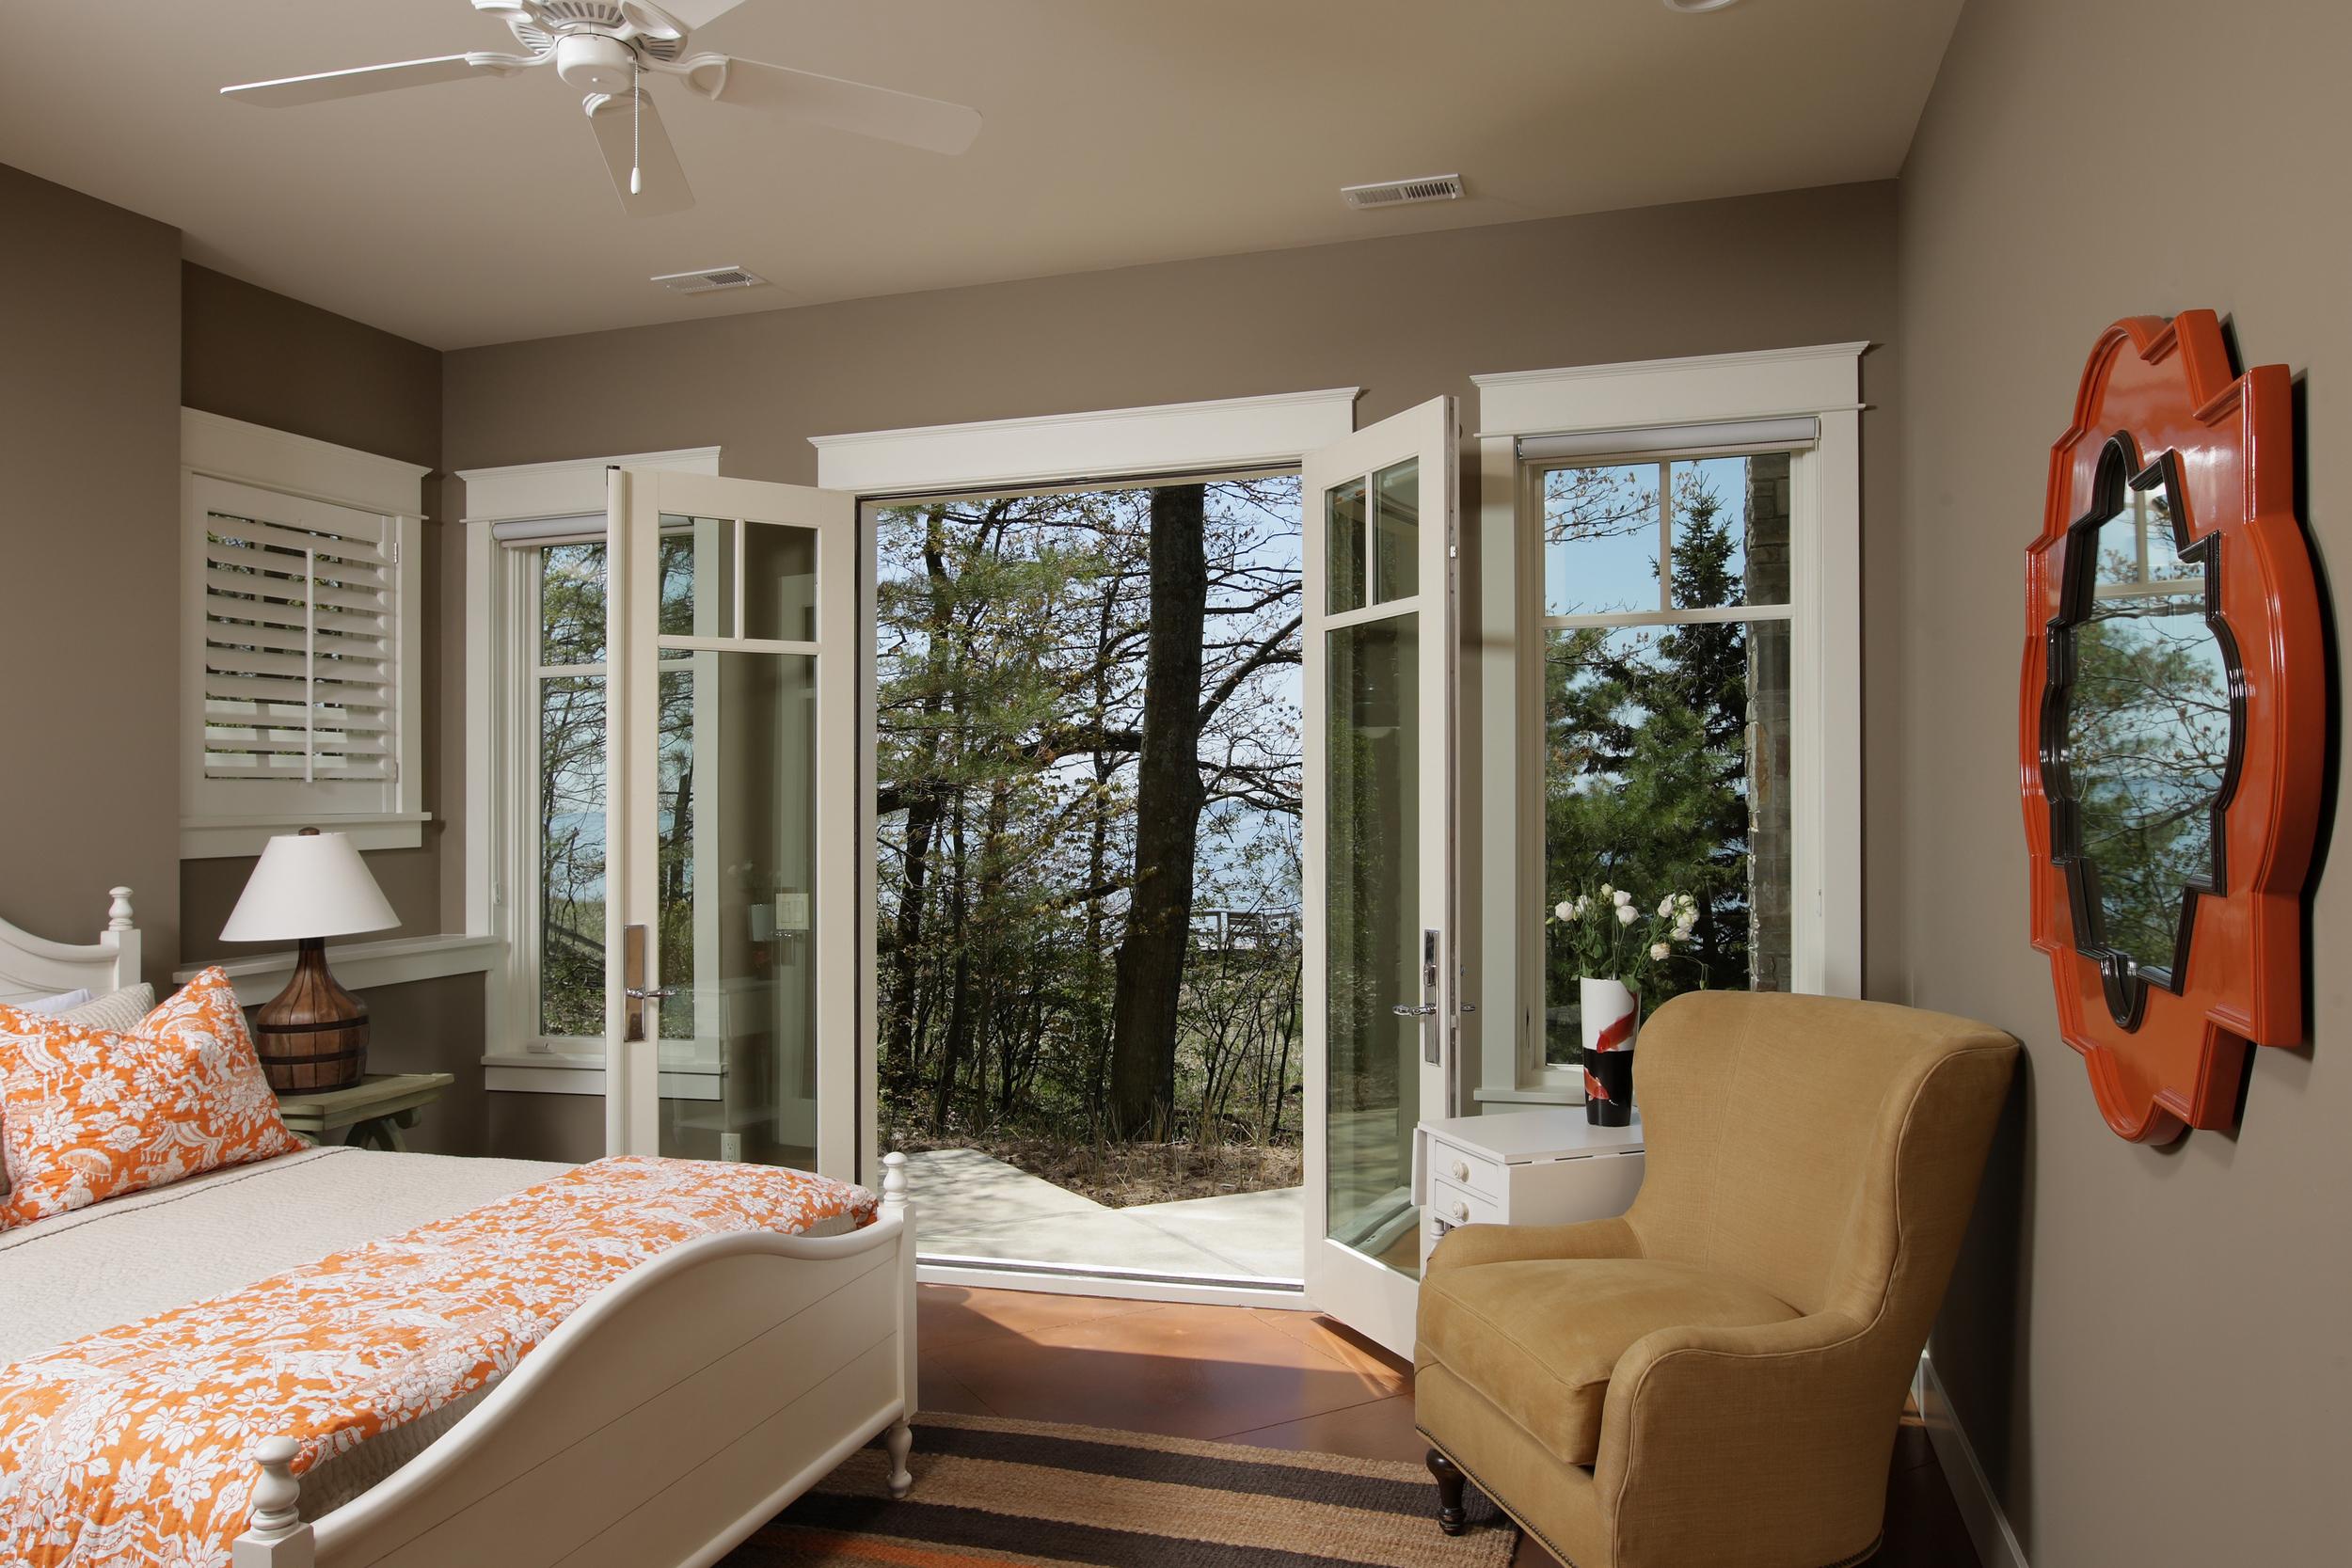 Bedroom_Design Home 1051.jpg